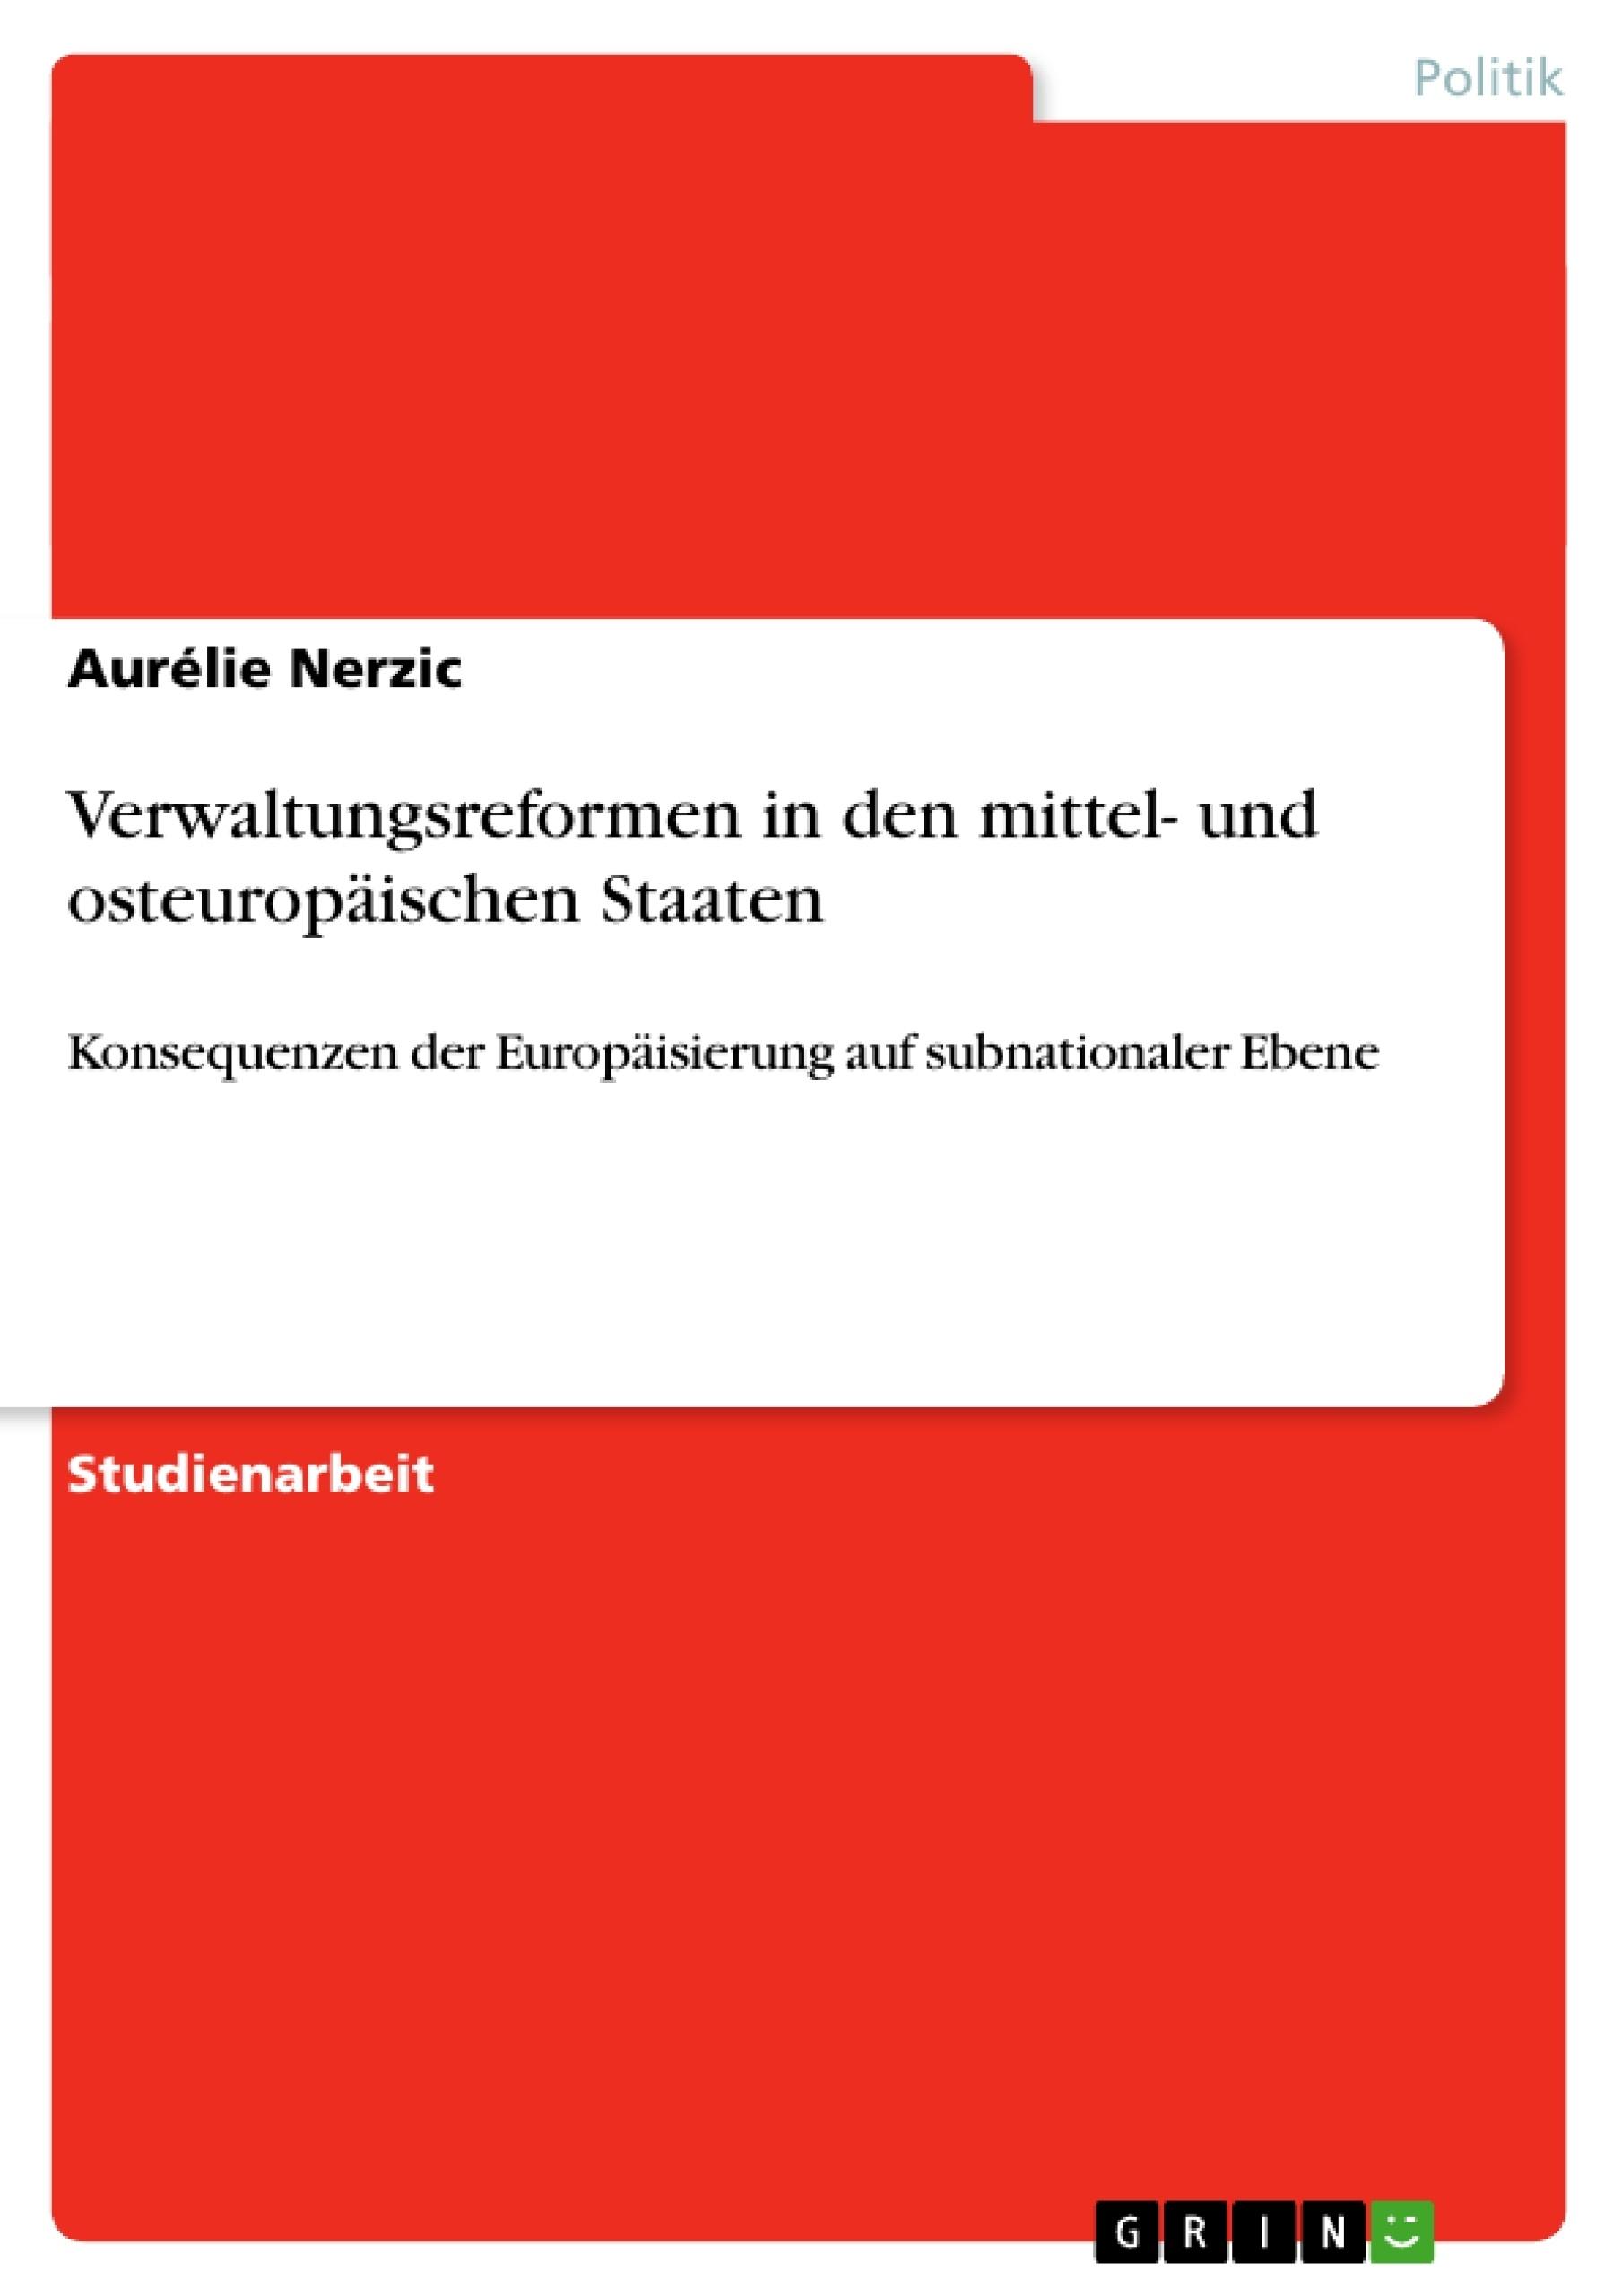 Titel: Verwaltungsreformen in den mittel- und osteuropäischen Staaten